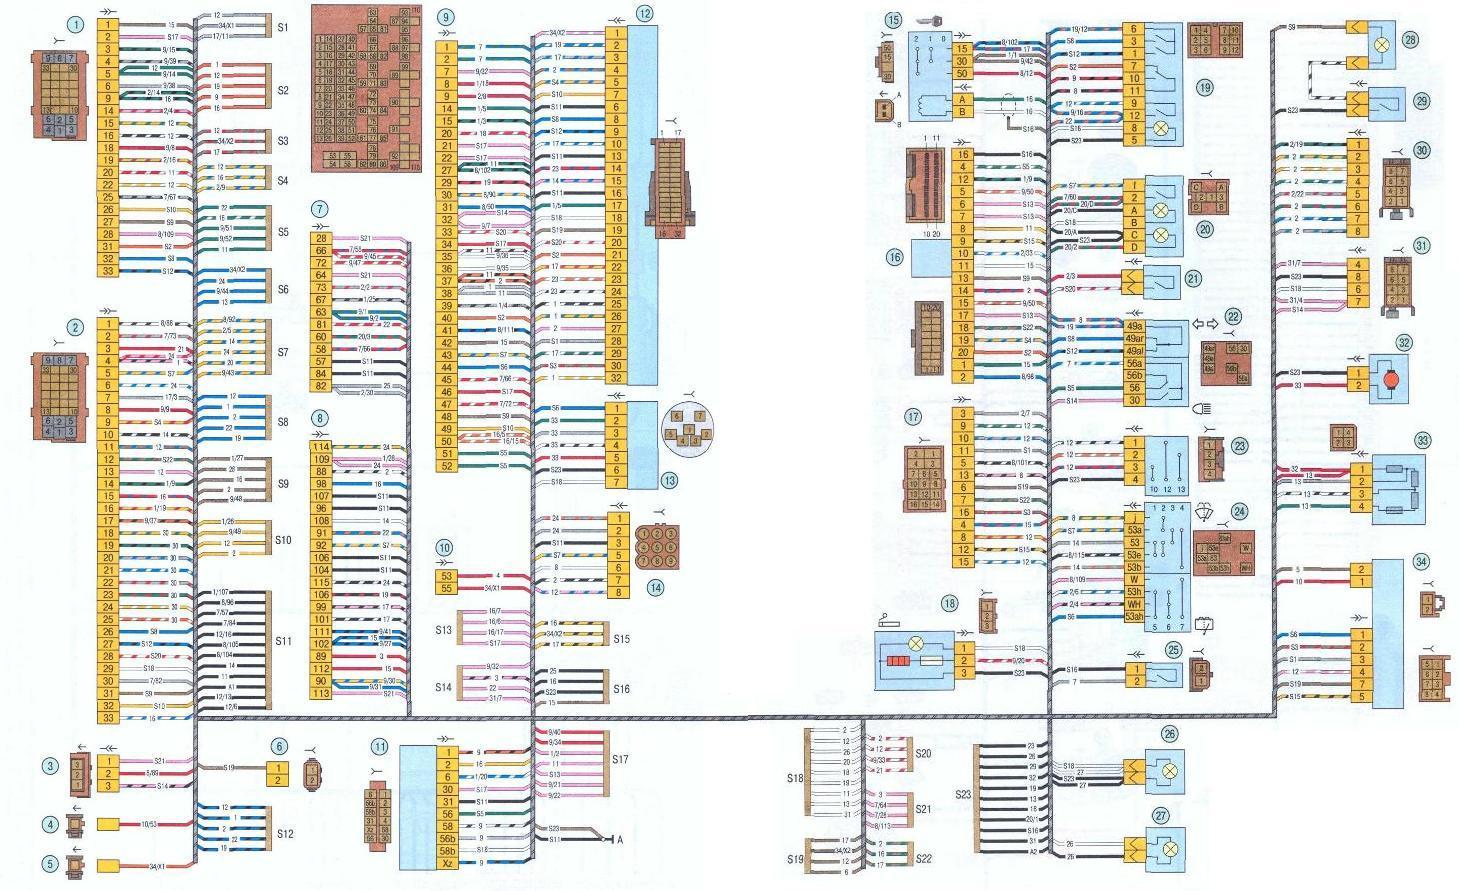 Электрическая схема lada kalina фото 6